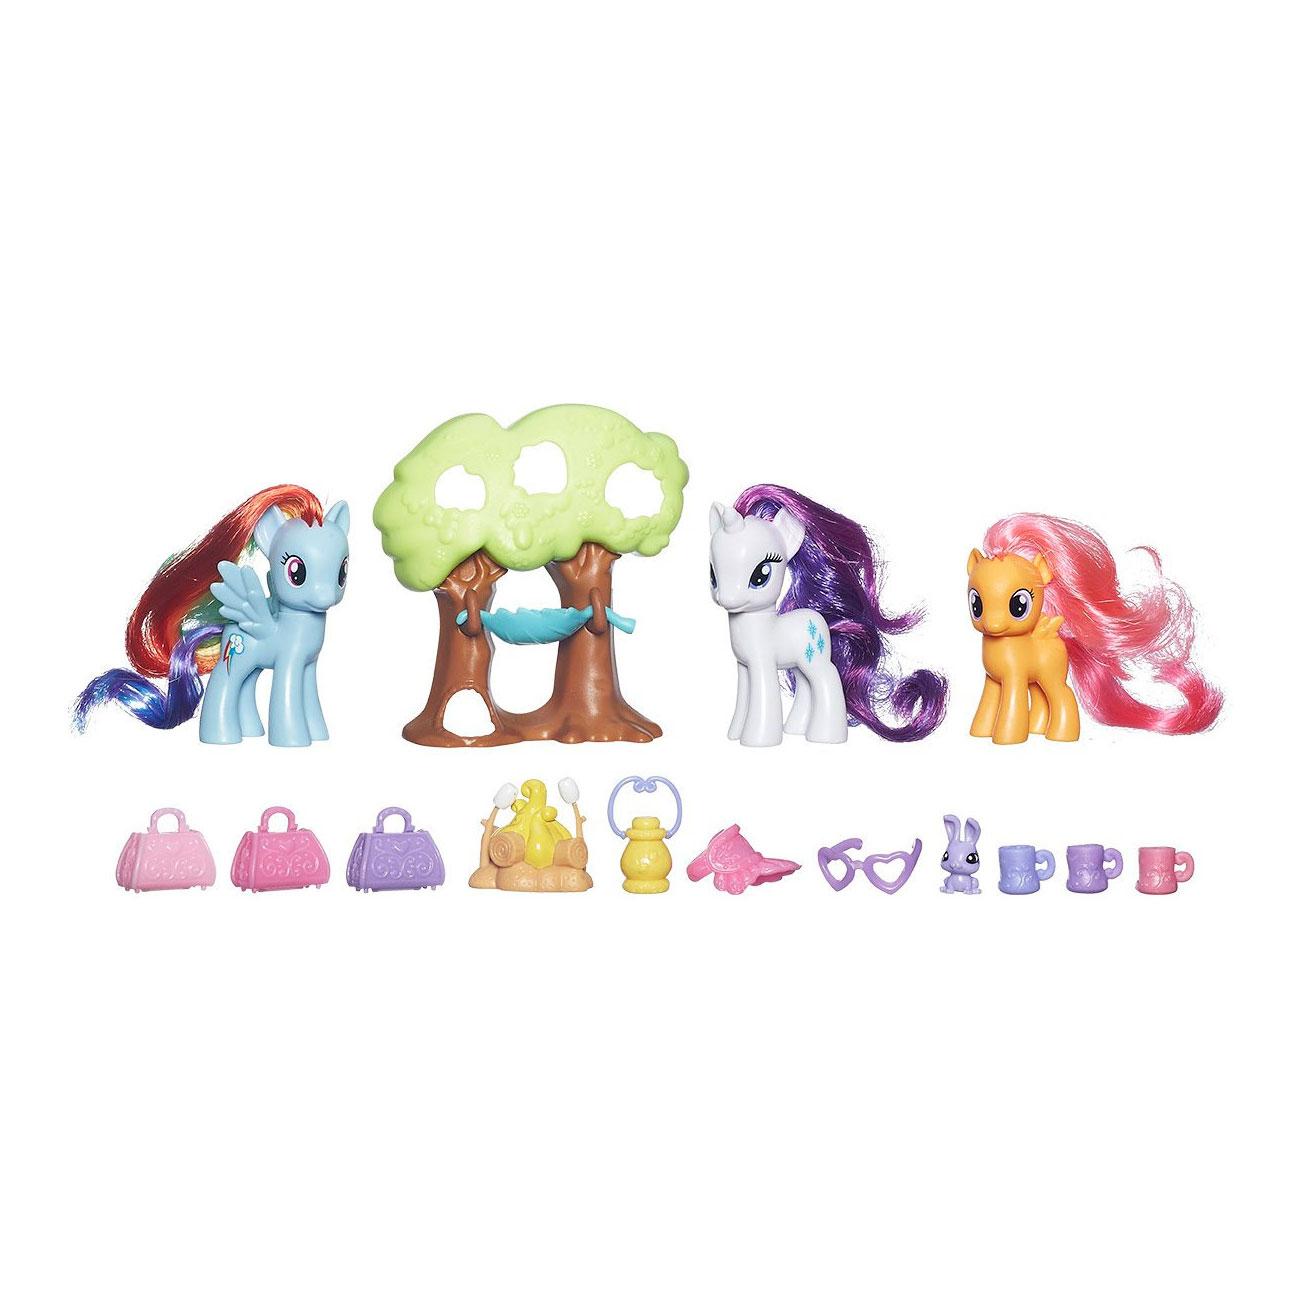 ������� ����� My Little Pony ����������� � �������